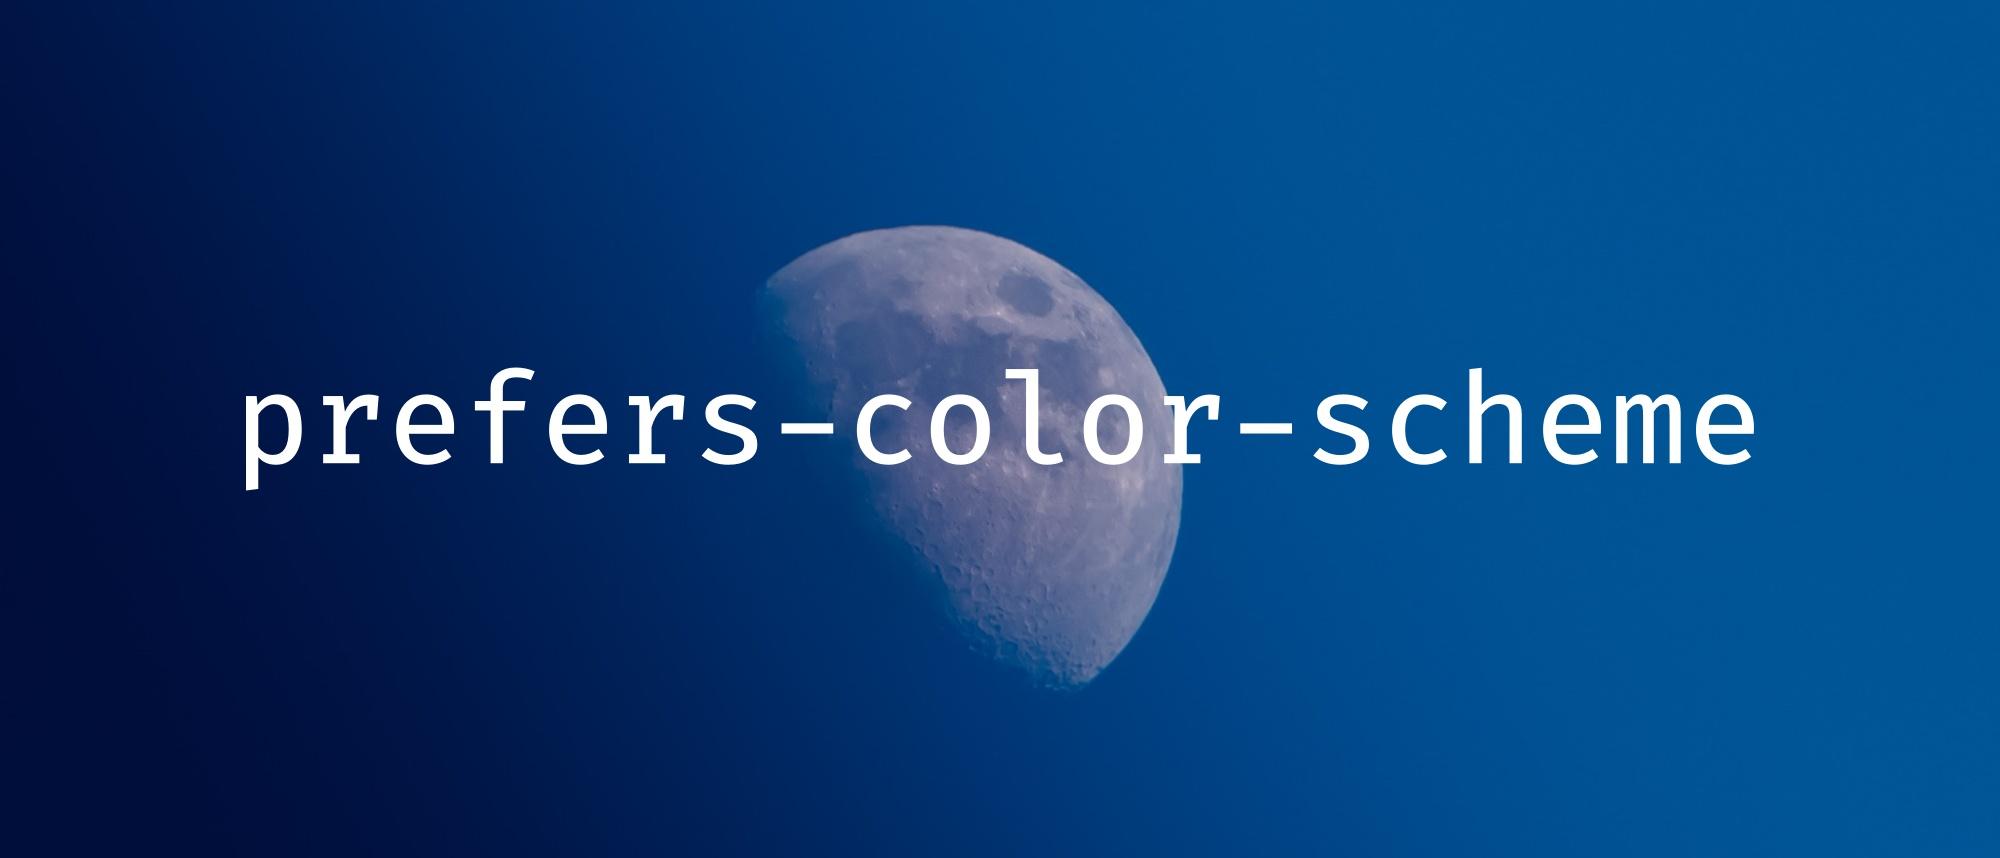 เพิ่มธีมสีมืดให้เว็บไซต์ด้วย prefers-color-scheme